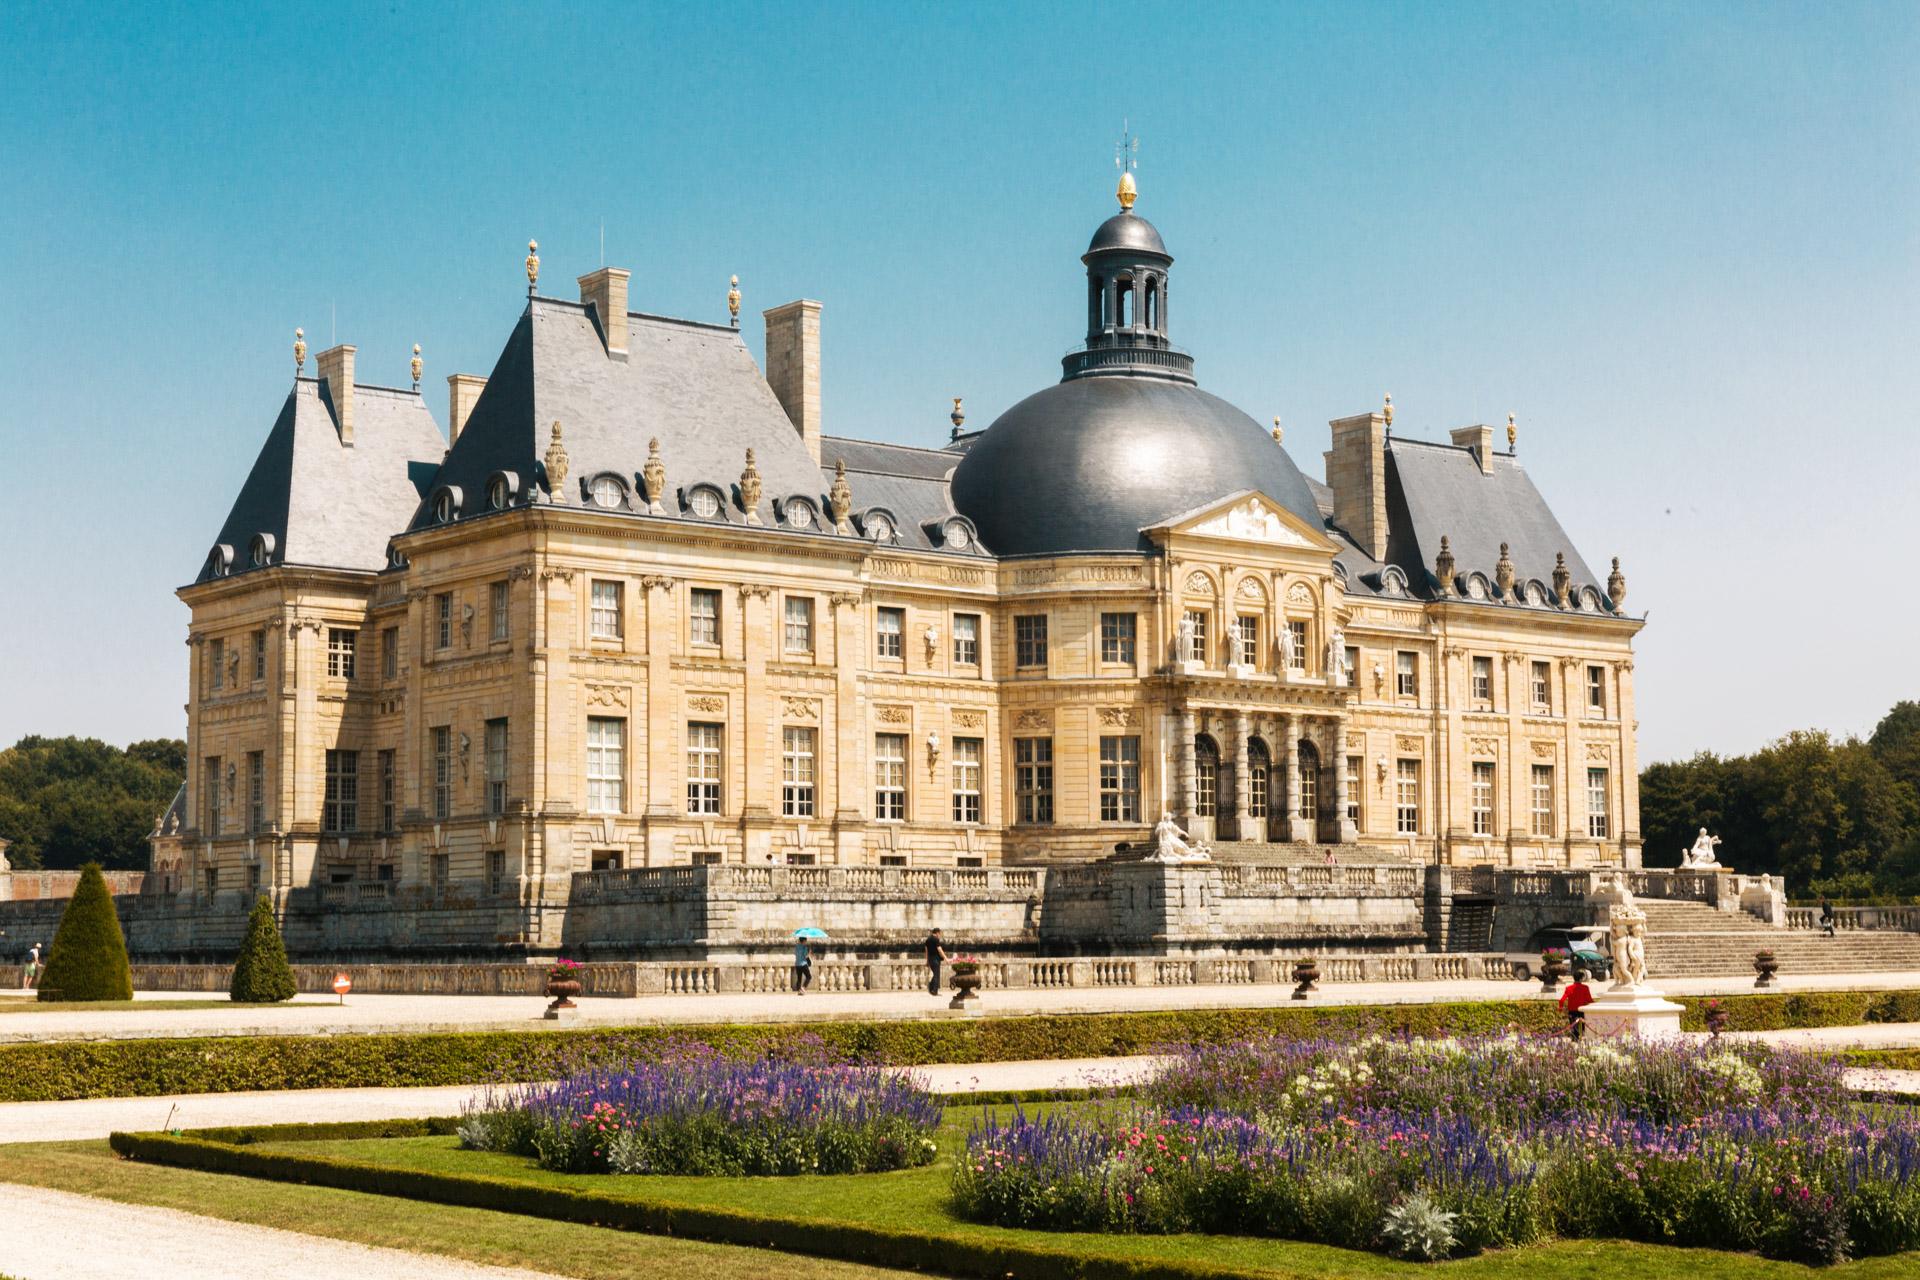 Tournage TF1 Château de Vicomte